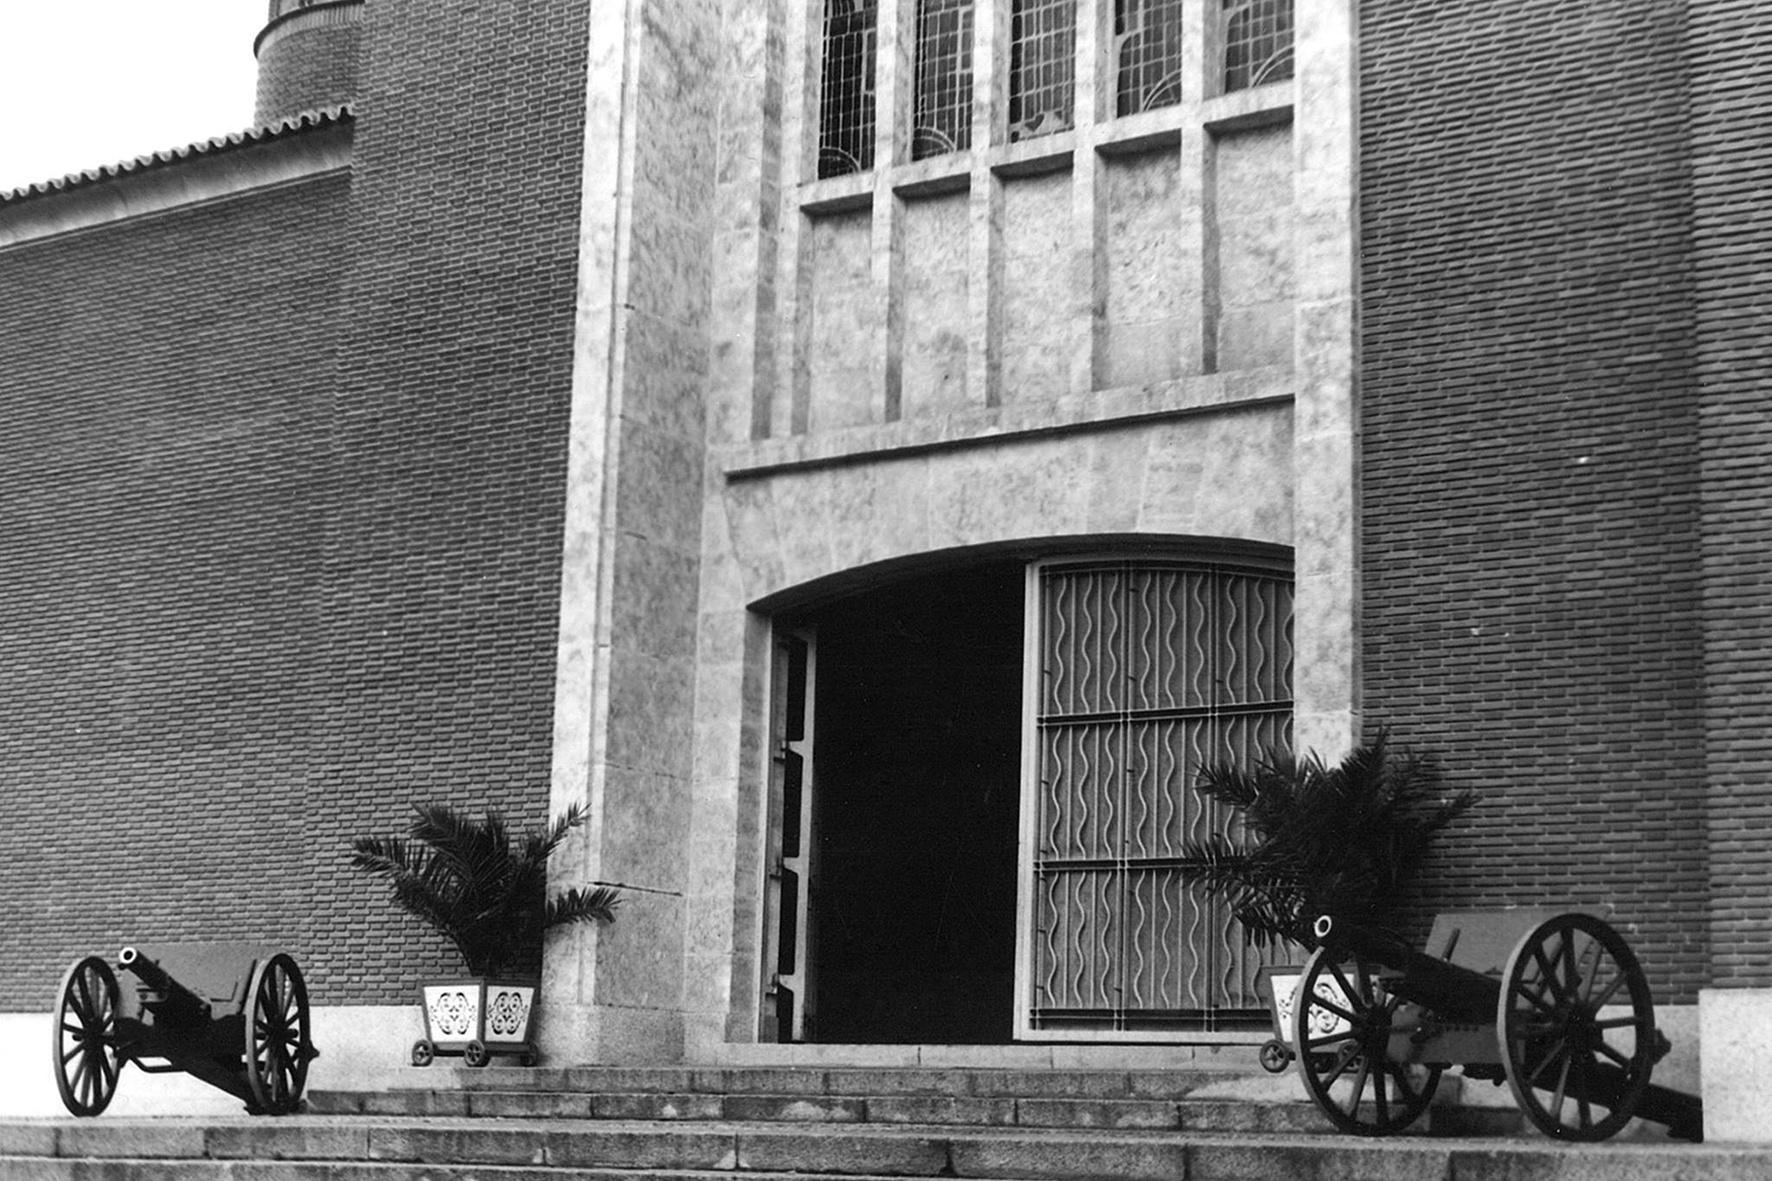 Iglesia de San José, años 70 - Niebla (2018) - Ana Frechilla, proyecto fotográfico